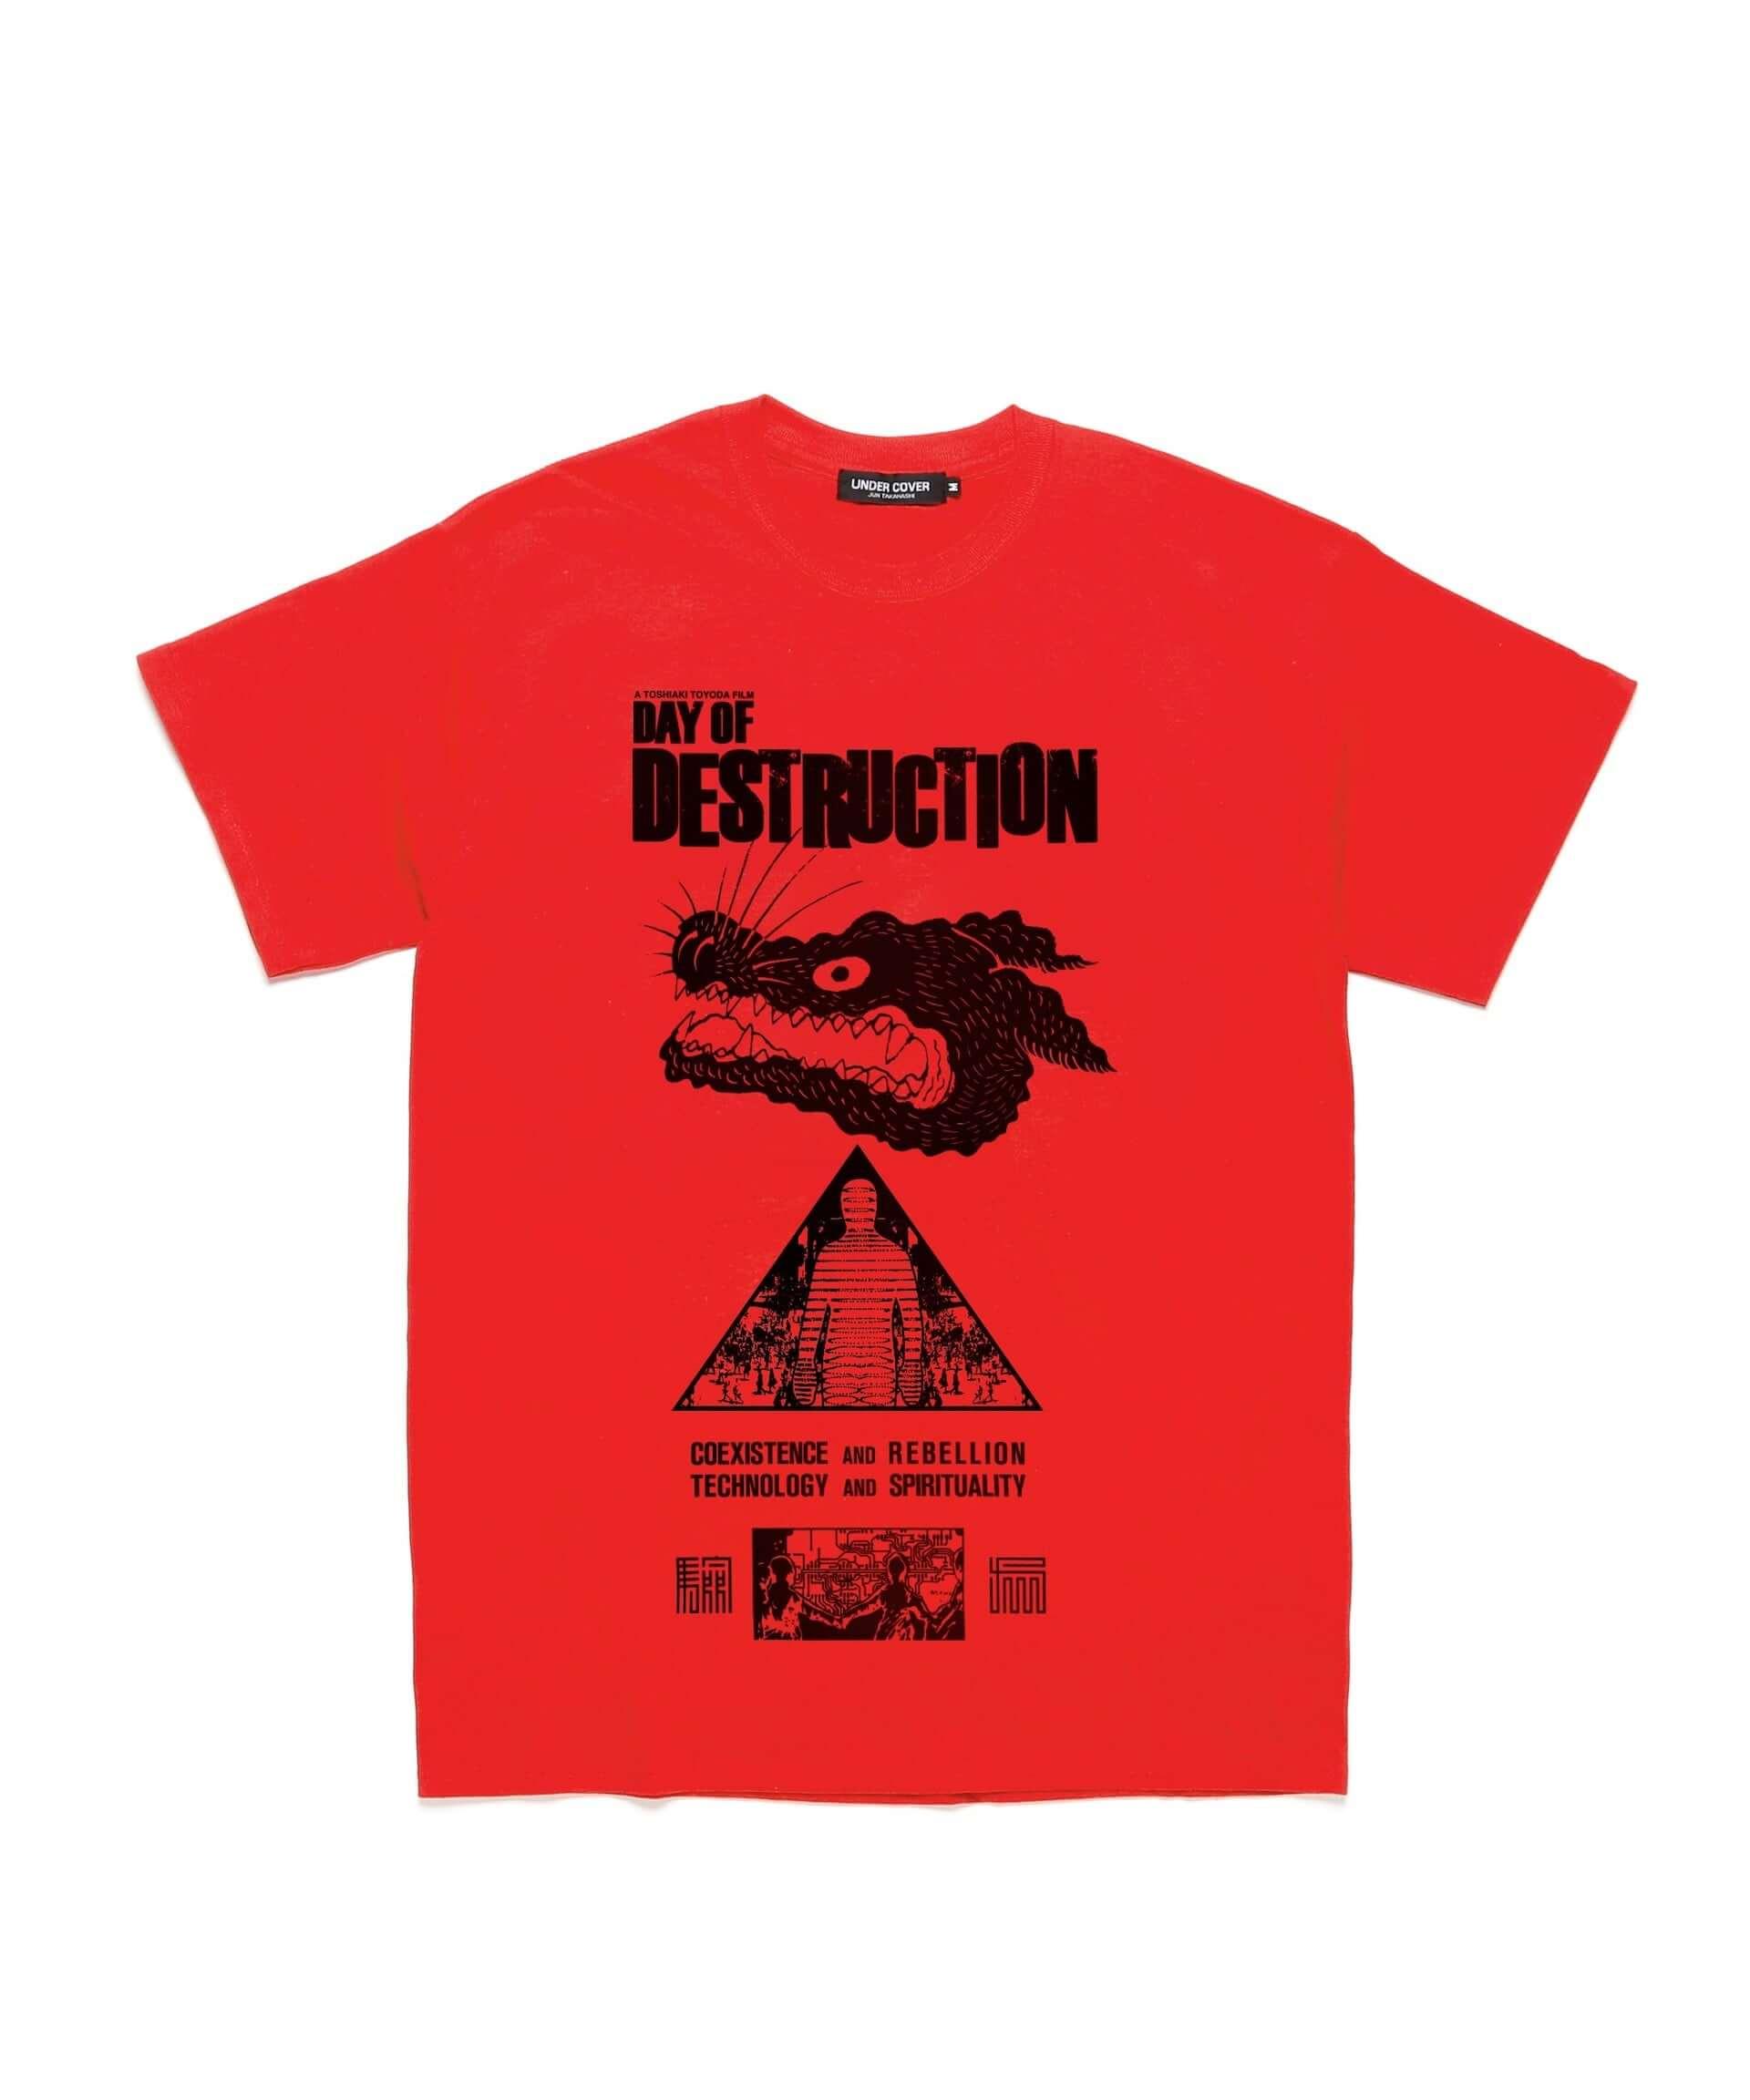 松田龍平、GEZANマヒトら出演映画『破壊の日』とUNDERCOVERのコラボTシャツが発売決定!収益は映画製作支援に lifefashion_hakainohi_2-1920x2304